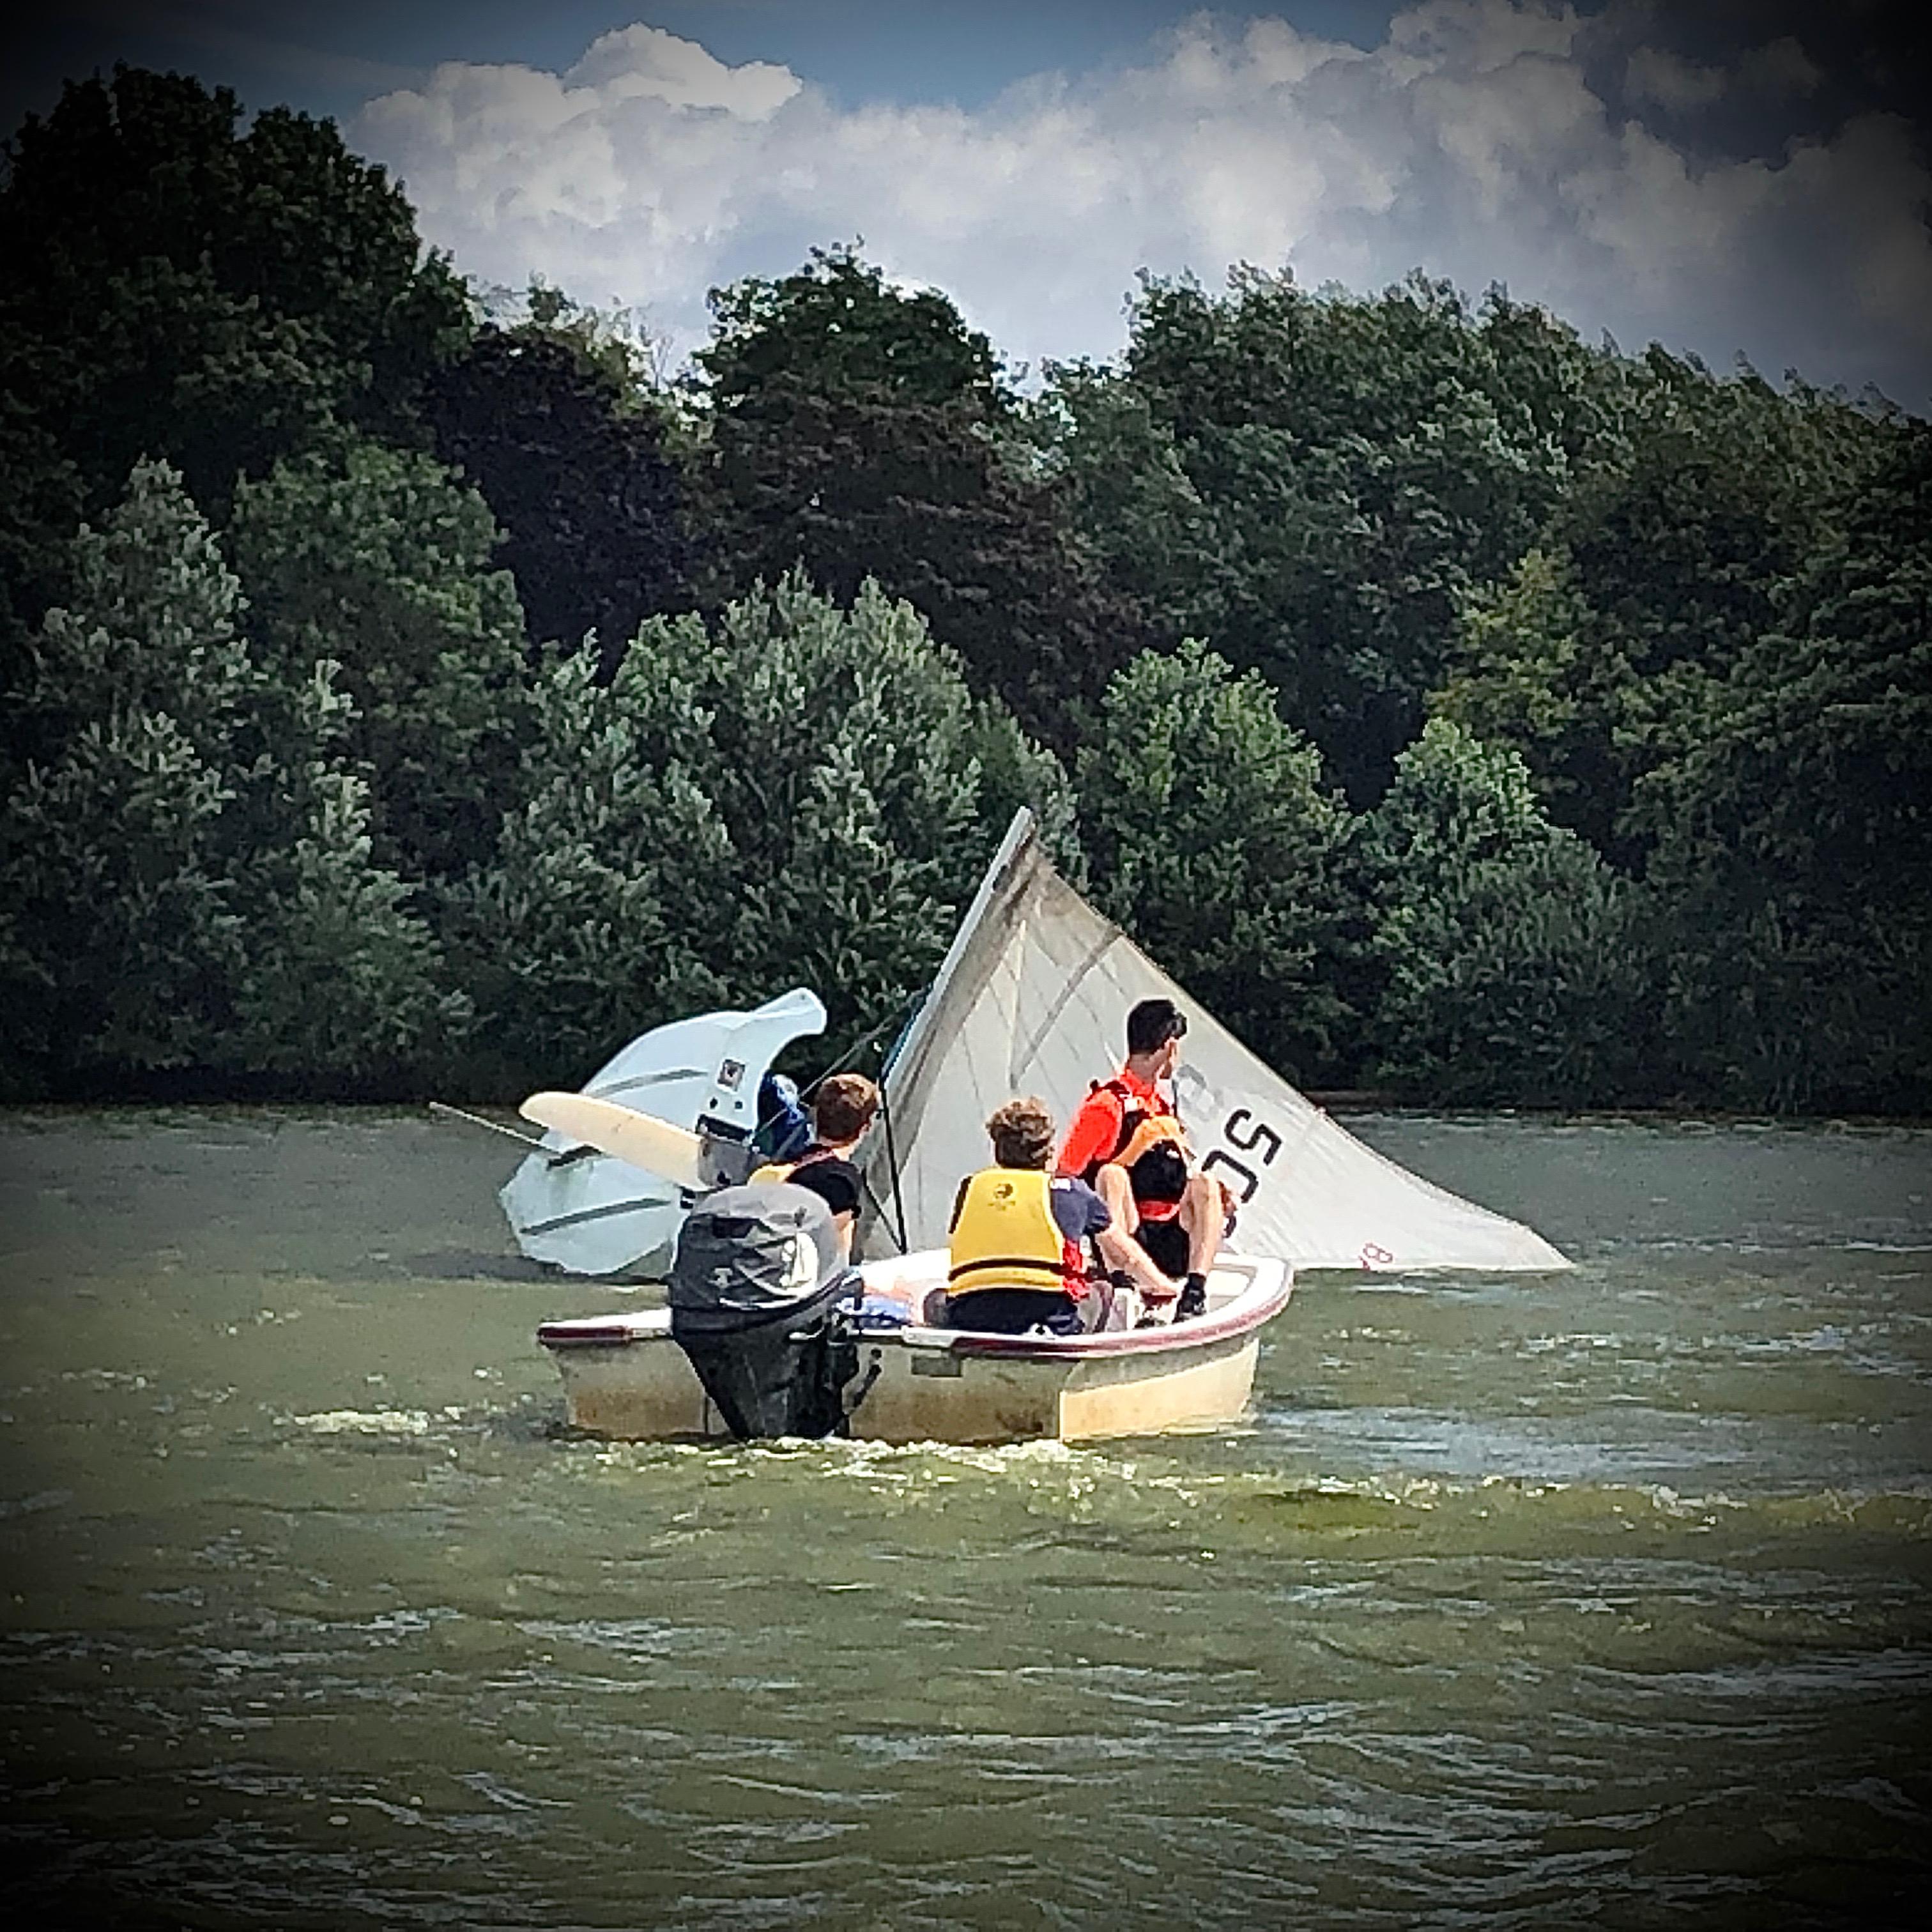 RYA Safety Boat